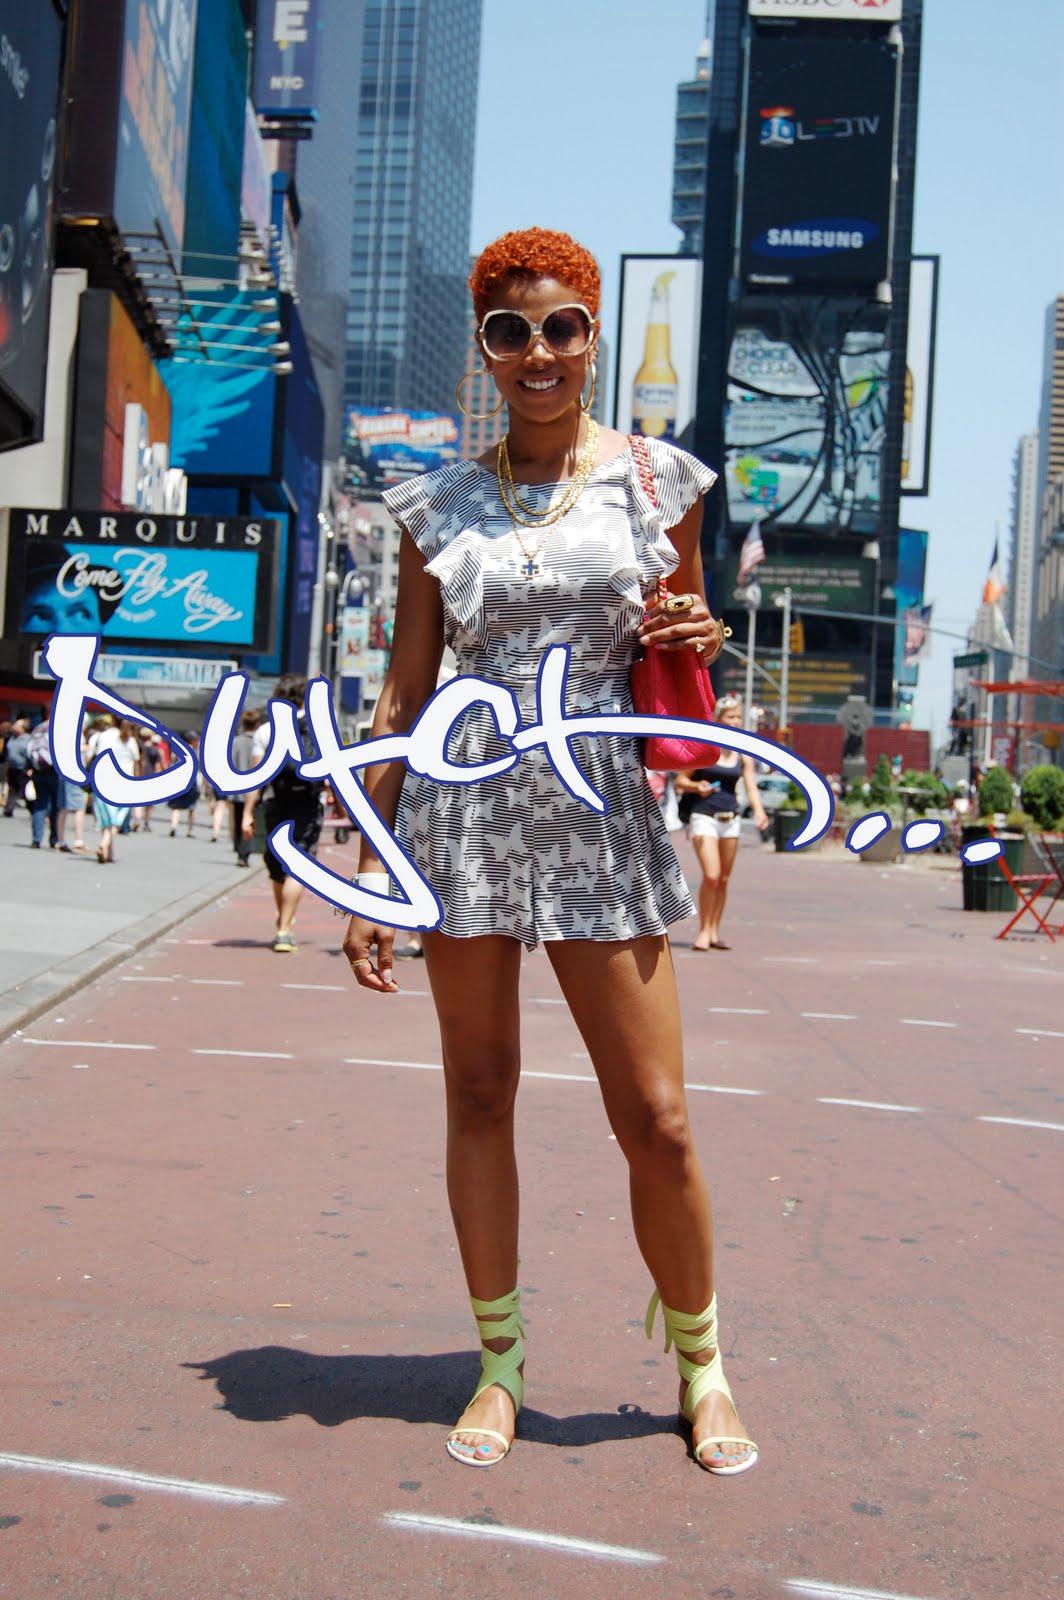 http://1.bp.blogspot.com/_jBpbz96_-9Y/TDkAnb24MtI/AAAAAAAAU0o/vDyQ3B1bJ5I/s1600/Kelis+1.jpg